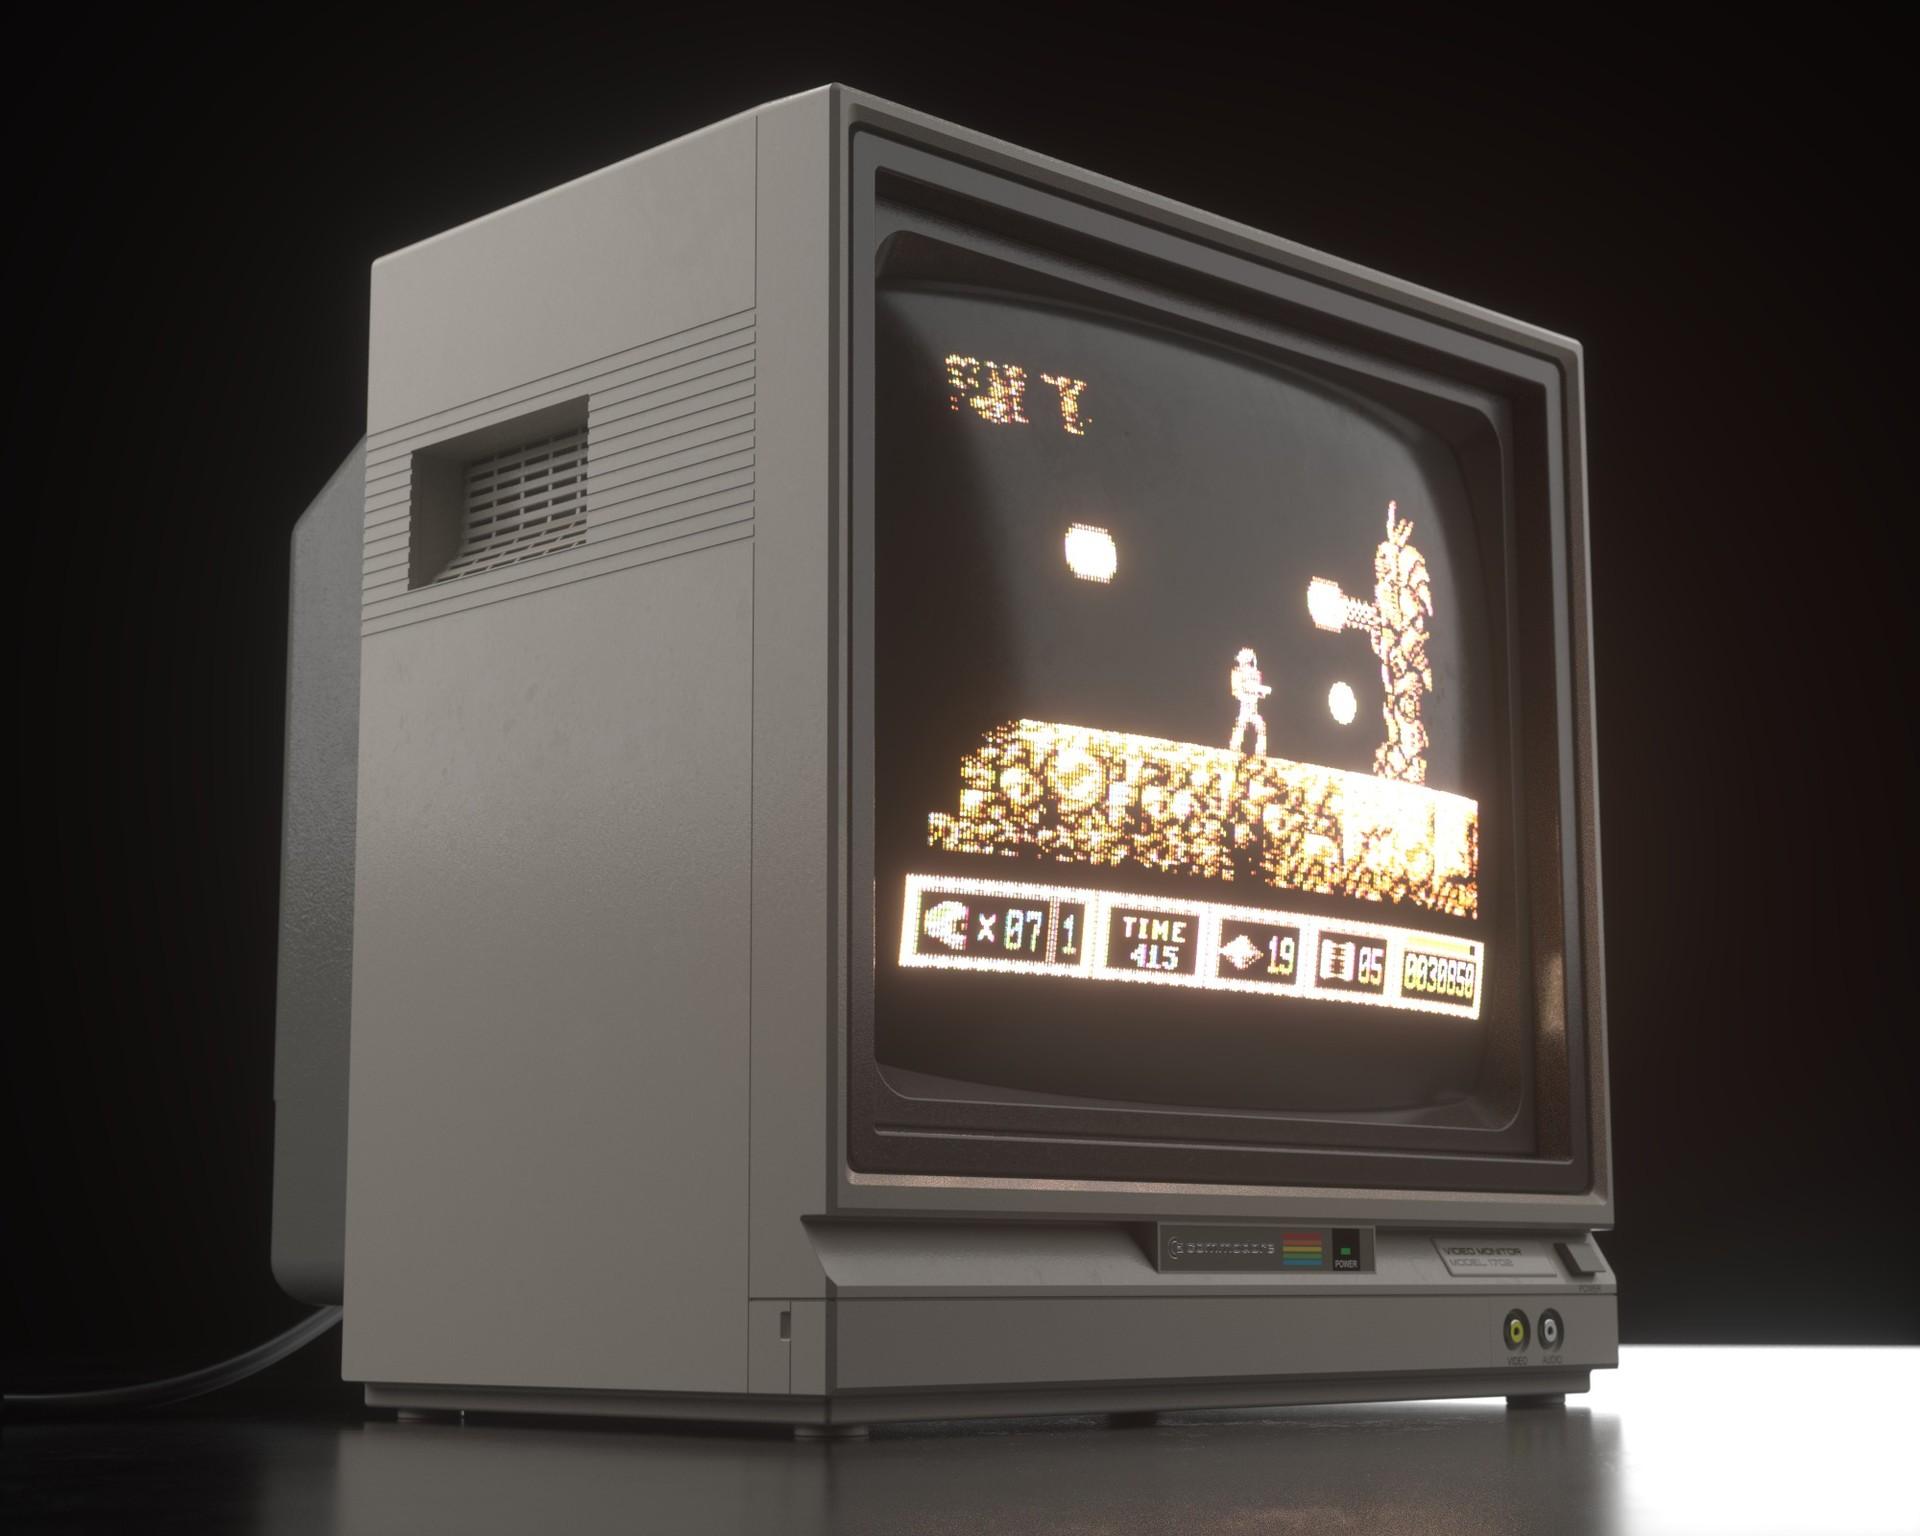 Cem tezcan c64 monitor 00005